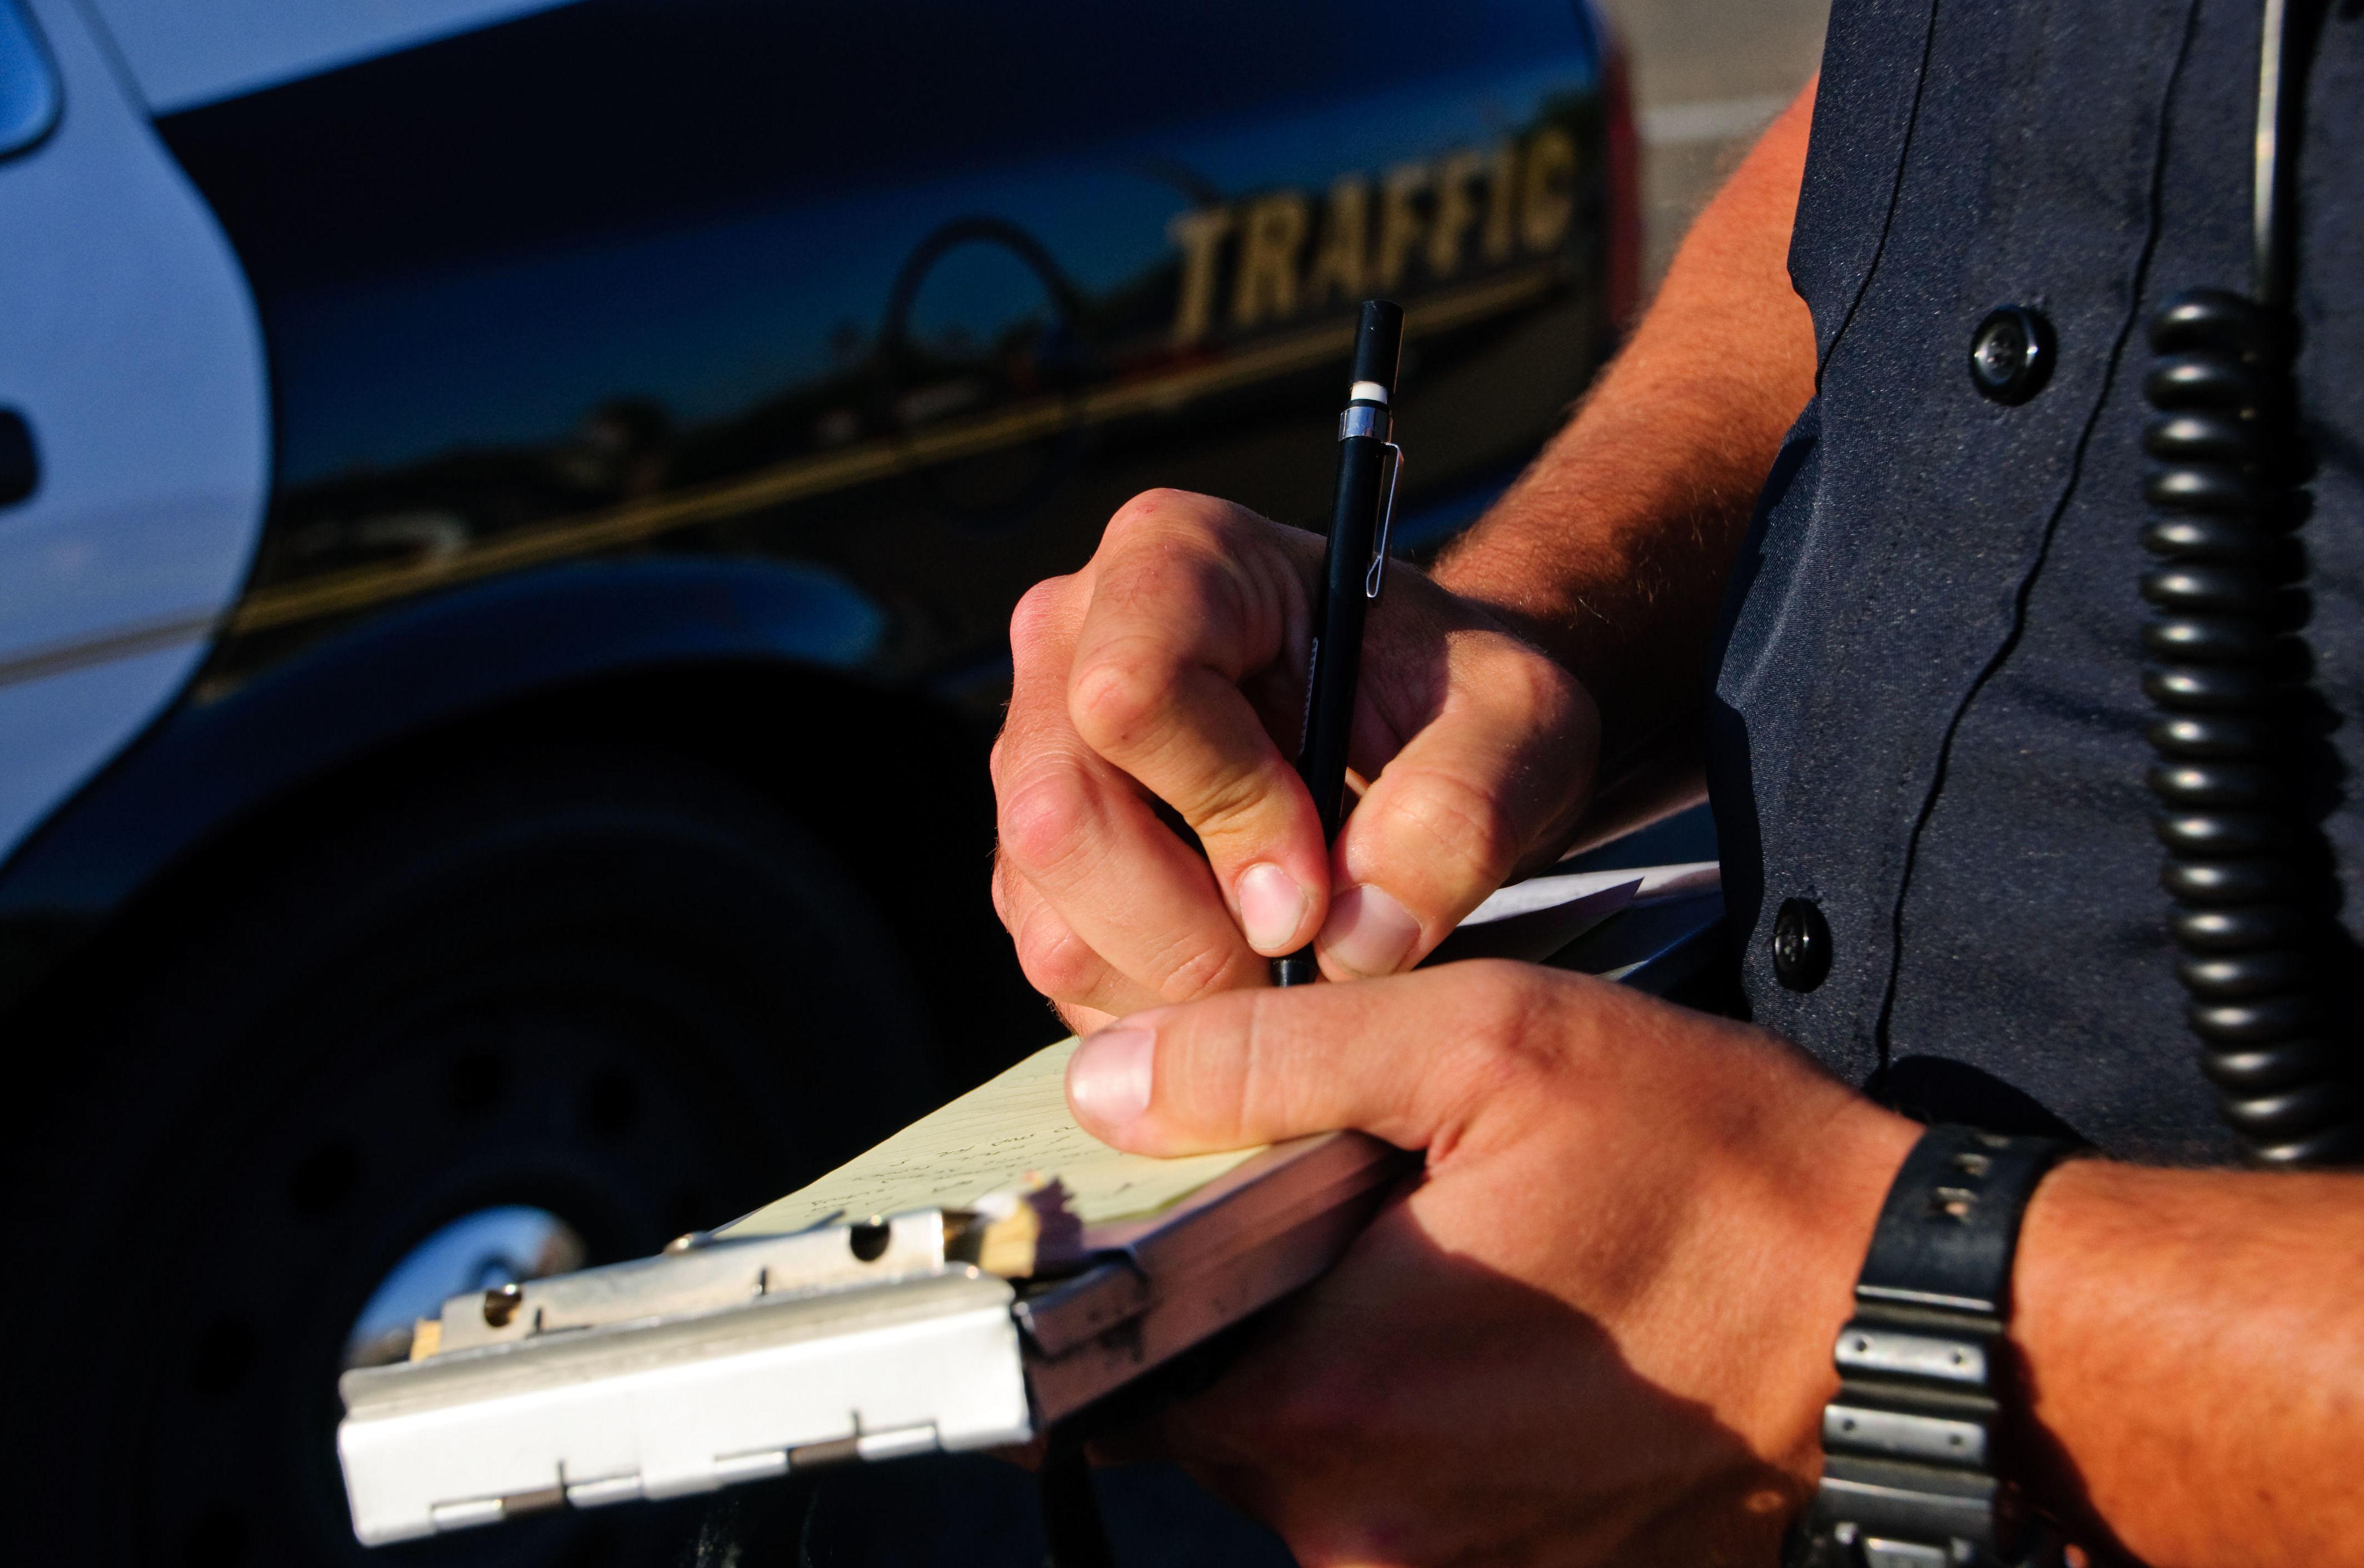 ¿Cómo recurrir una multa de tráfico? Las pruebas que pueden evitar la sanción